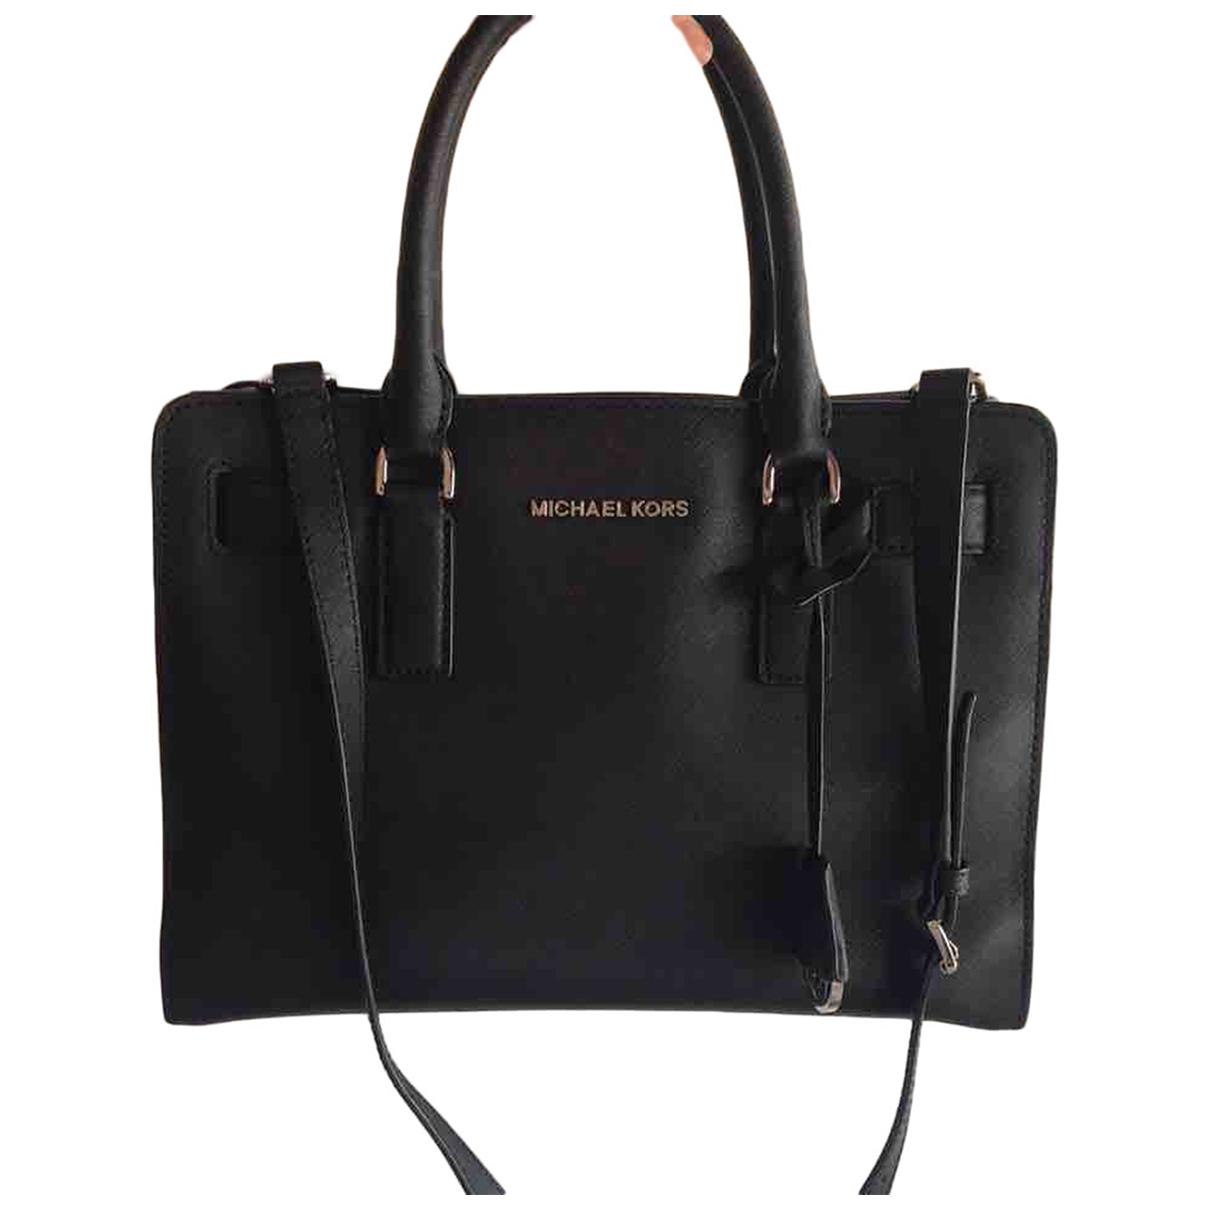 Michael Kors Dillon Black Leather handbag for Women N